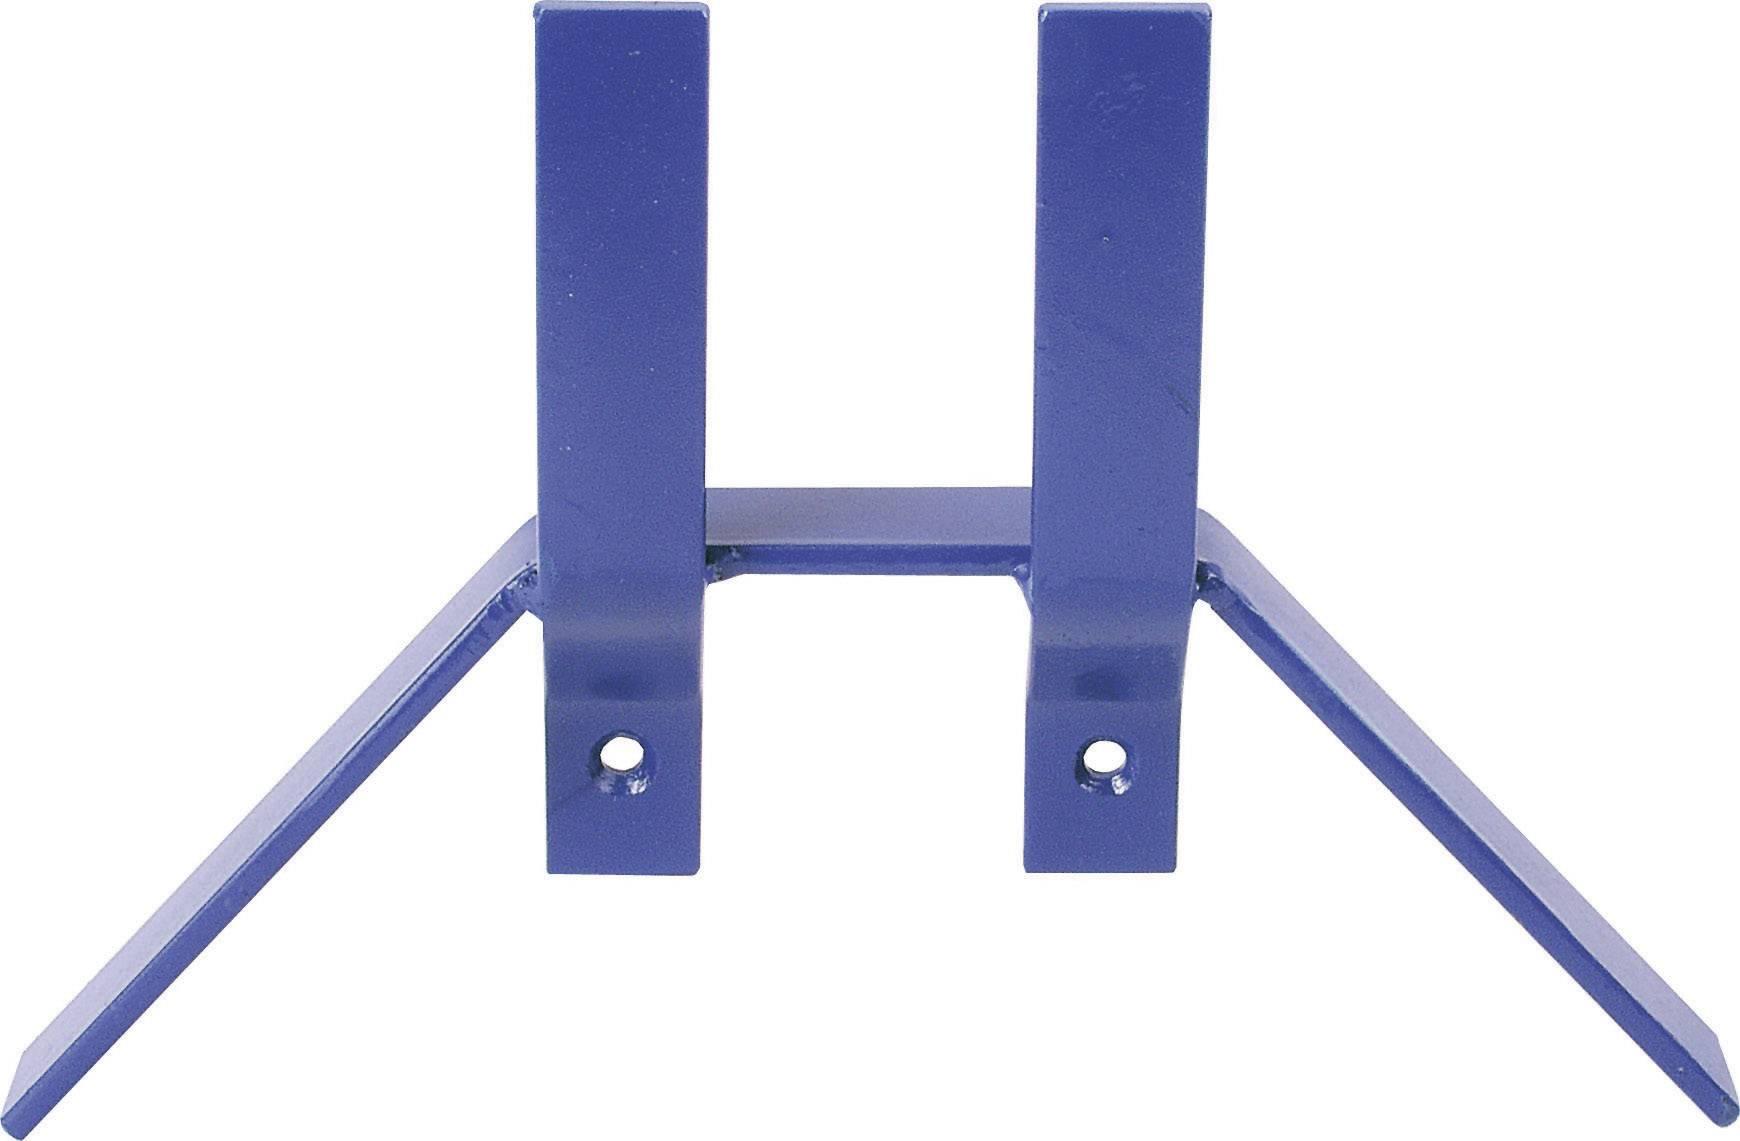 Nástěnný držák pro kabelové bubny Jumbo, 200.030.6, modrá